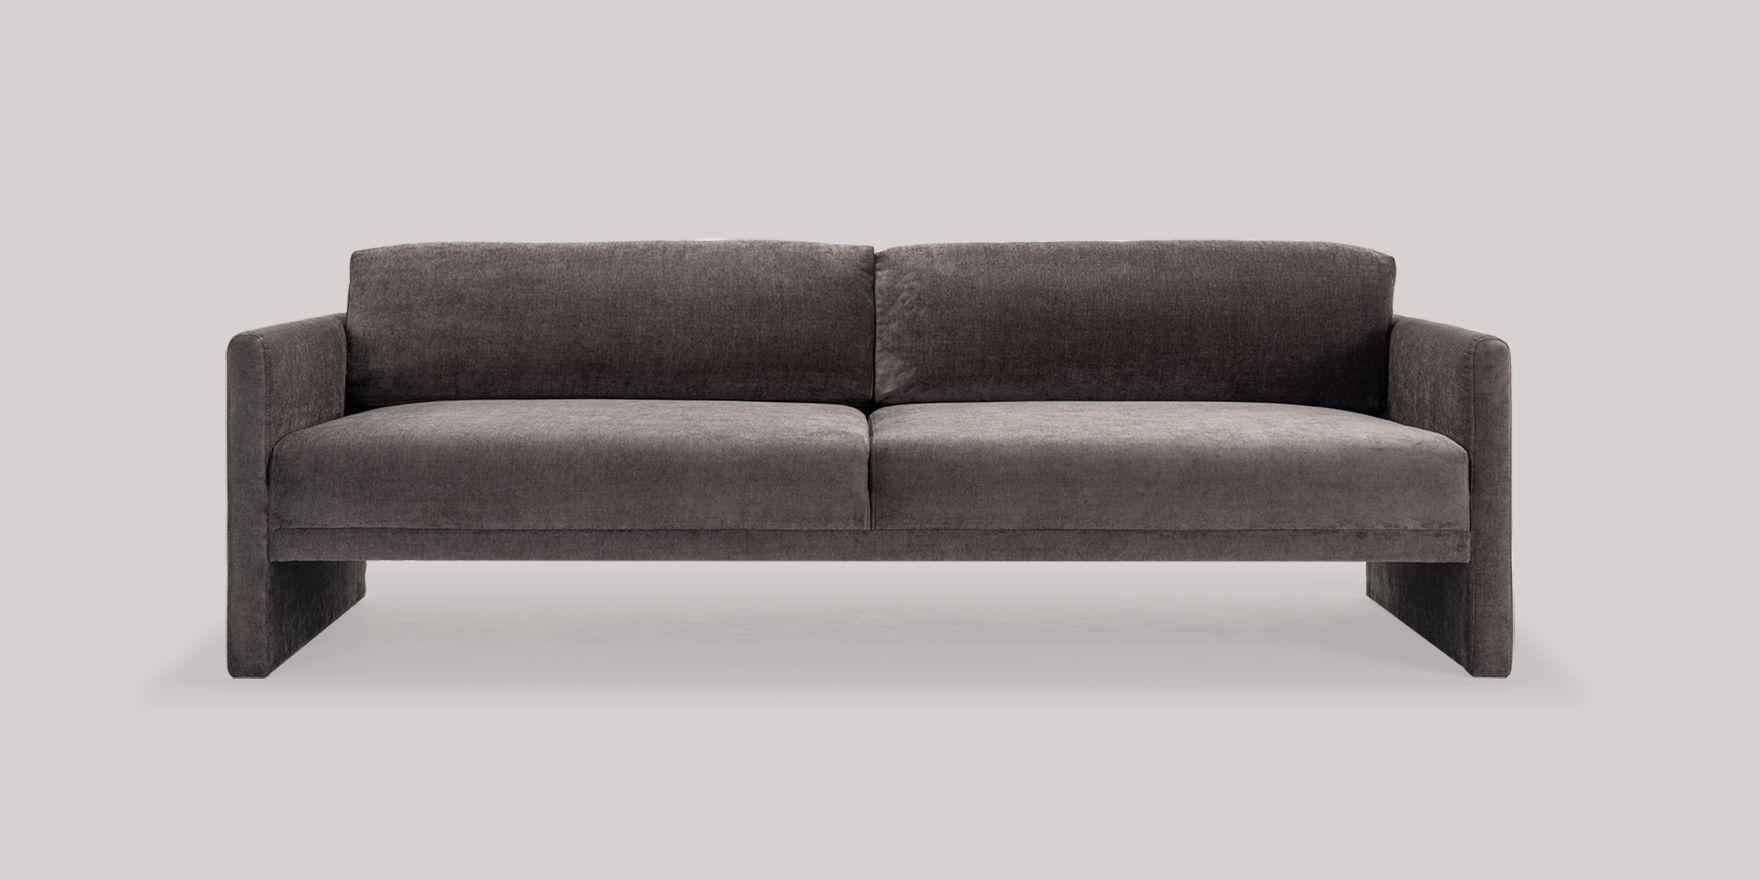 Full Size of 3 Sitzer Sofa Mit Bettfunktion Ikea Schlaffunktion Und Bettkasten Ektorp 2 Sessel Klippan Komplett Gepolstertes Storm Sofacompany Fenster Fach Verglasung Rund Sofa 3 Sitzer Sofa